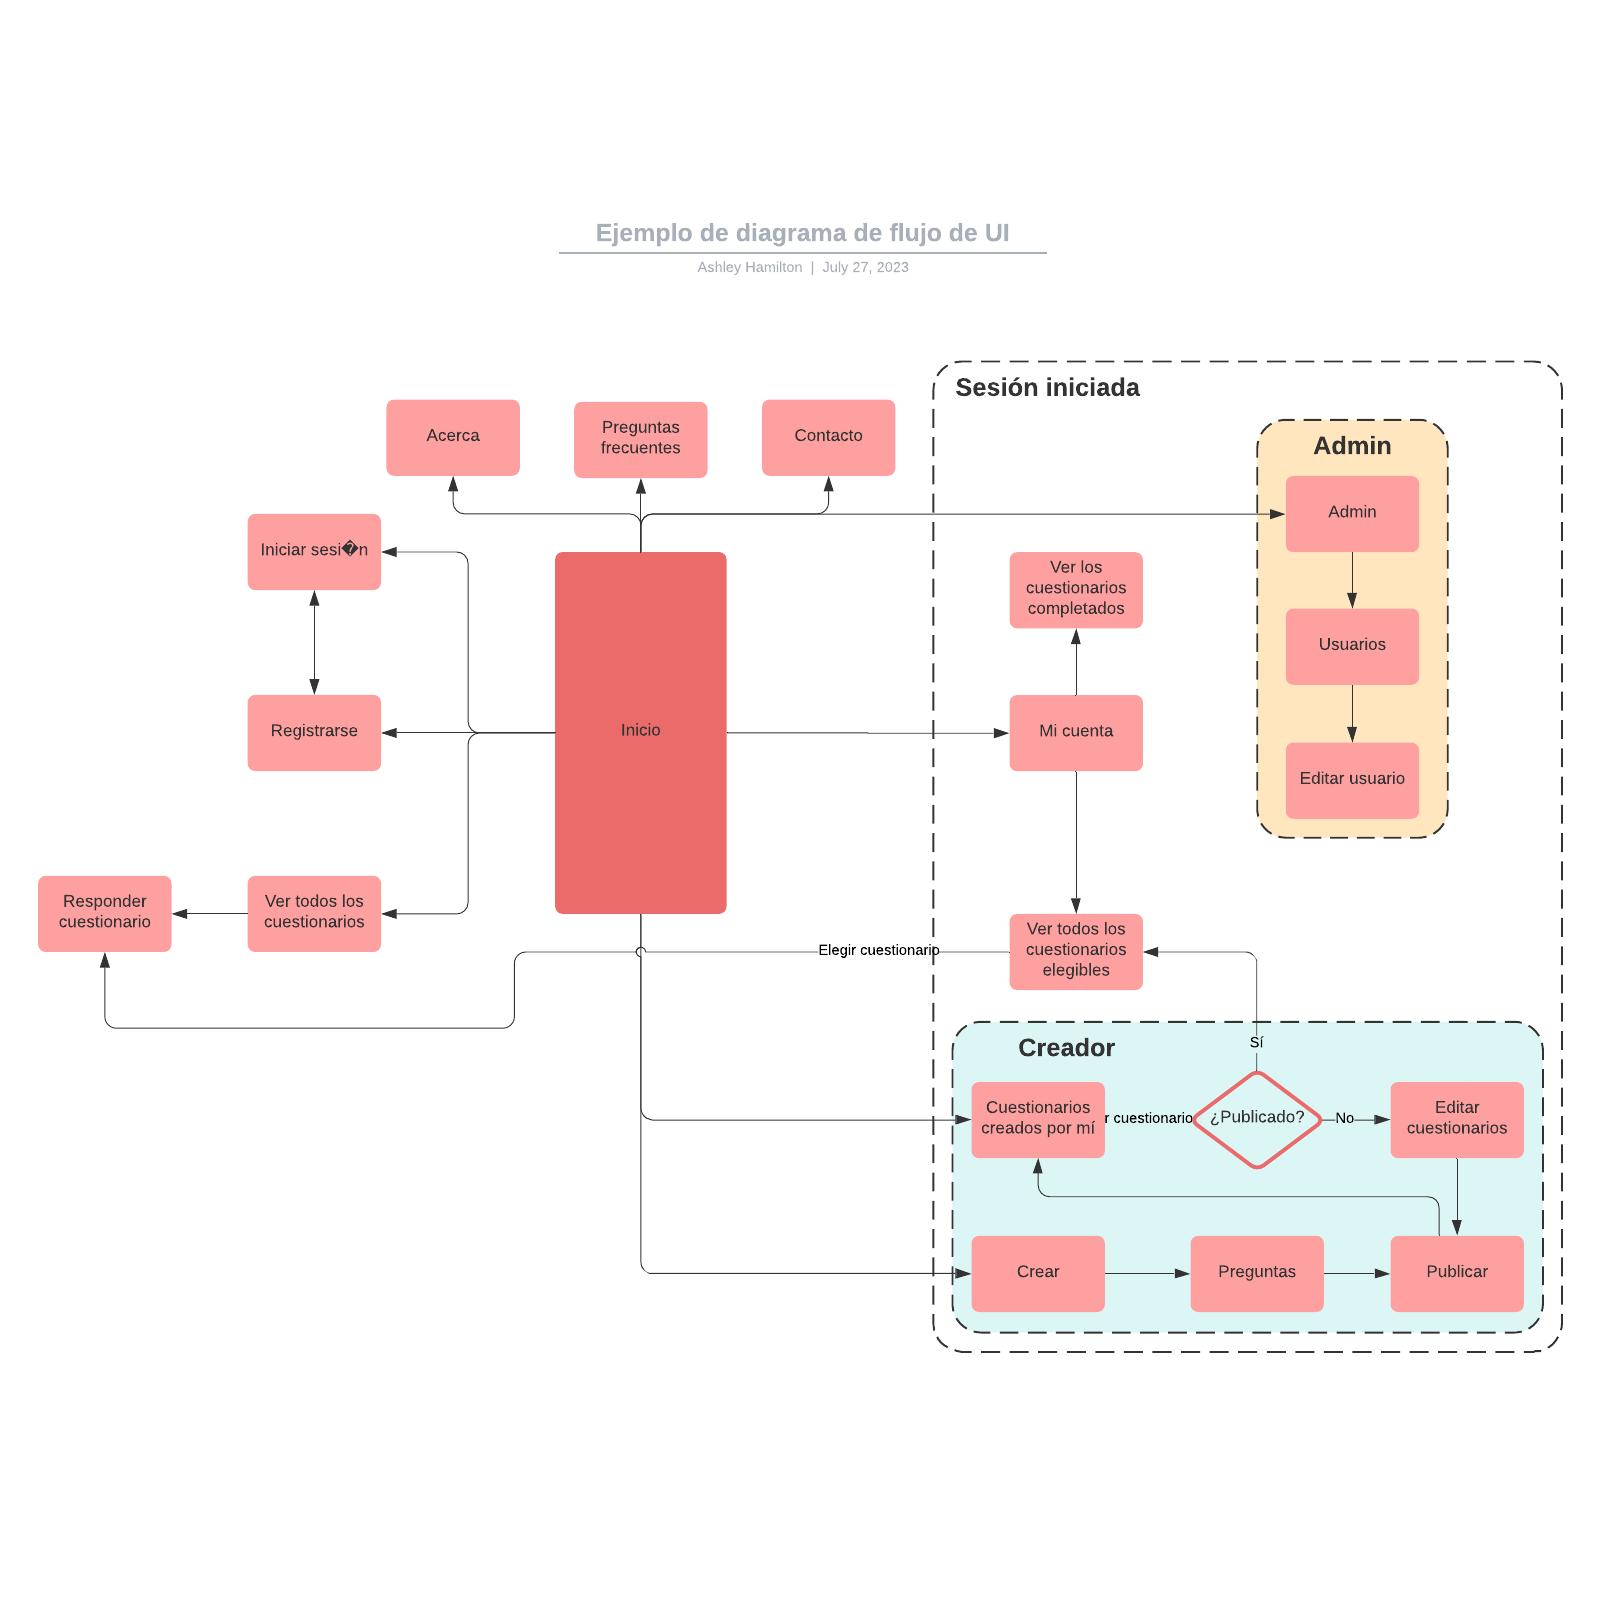 Ejemplo de diagrama de flujo de UI